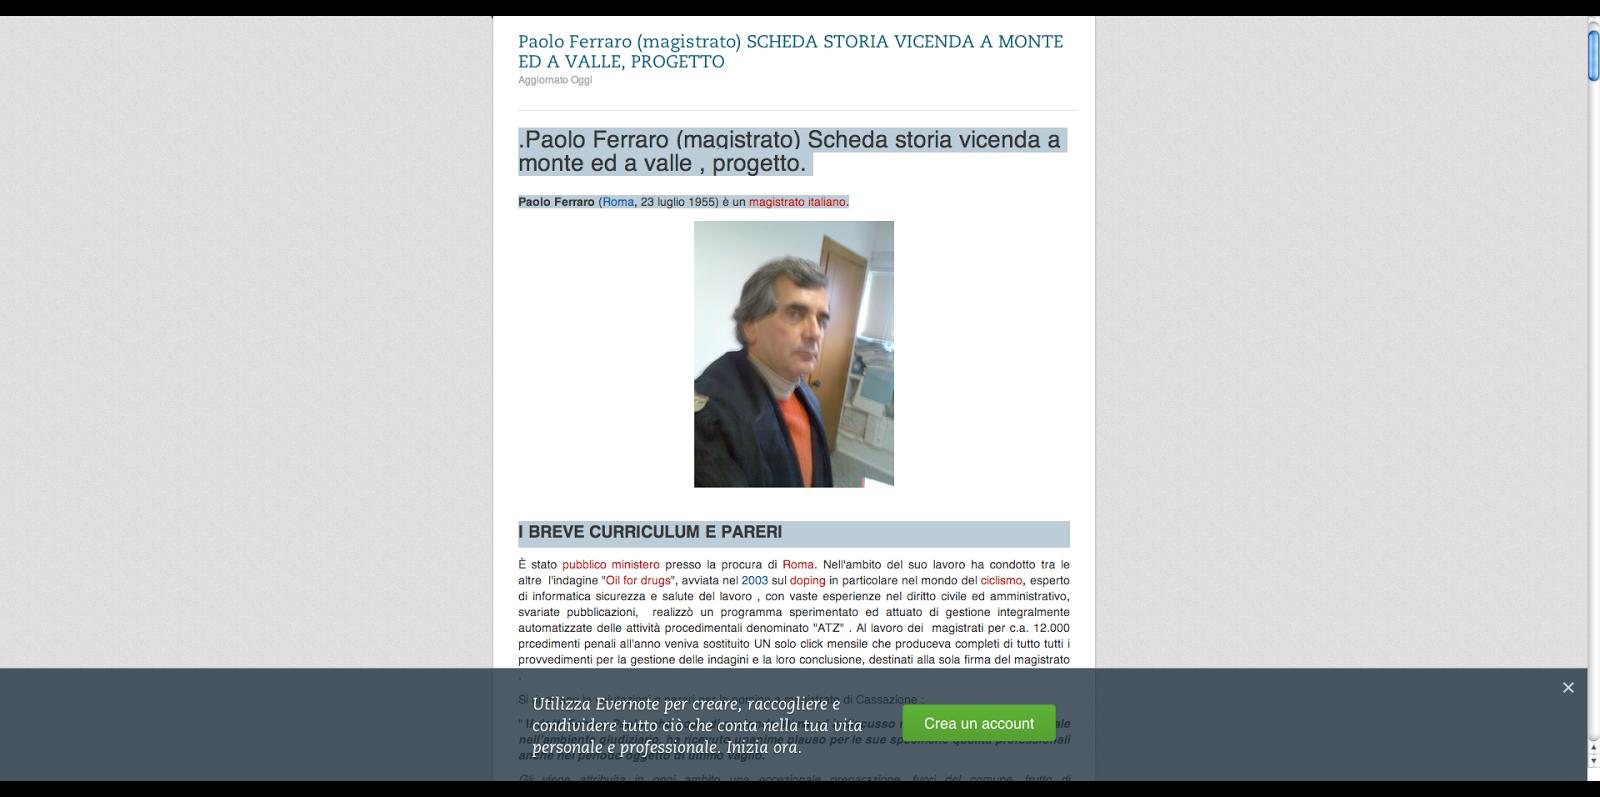 Paolo Ferraro (magistrato) SCHEDA  SU EVERNOTE